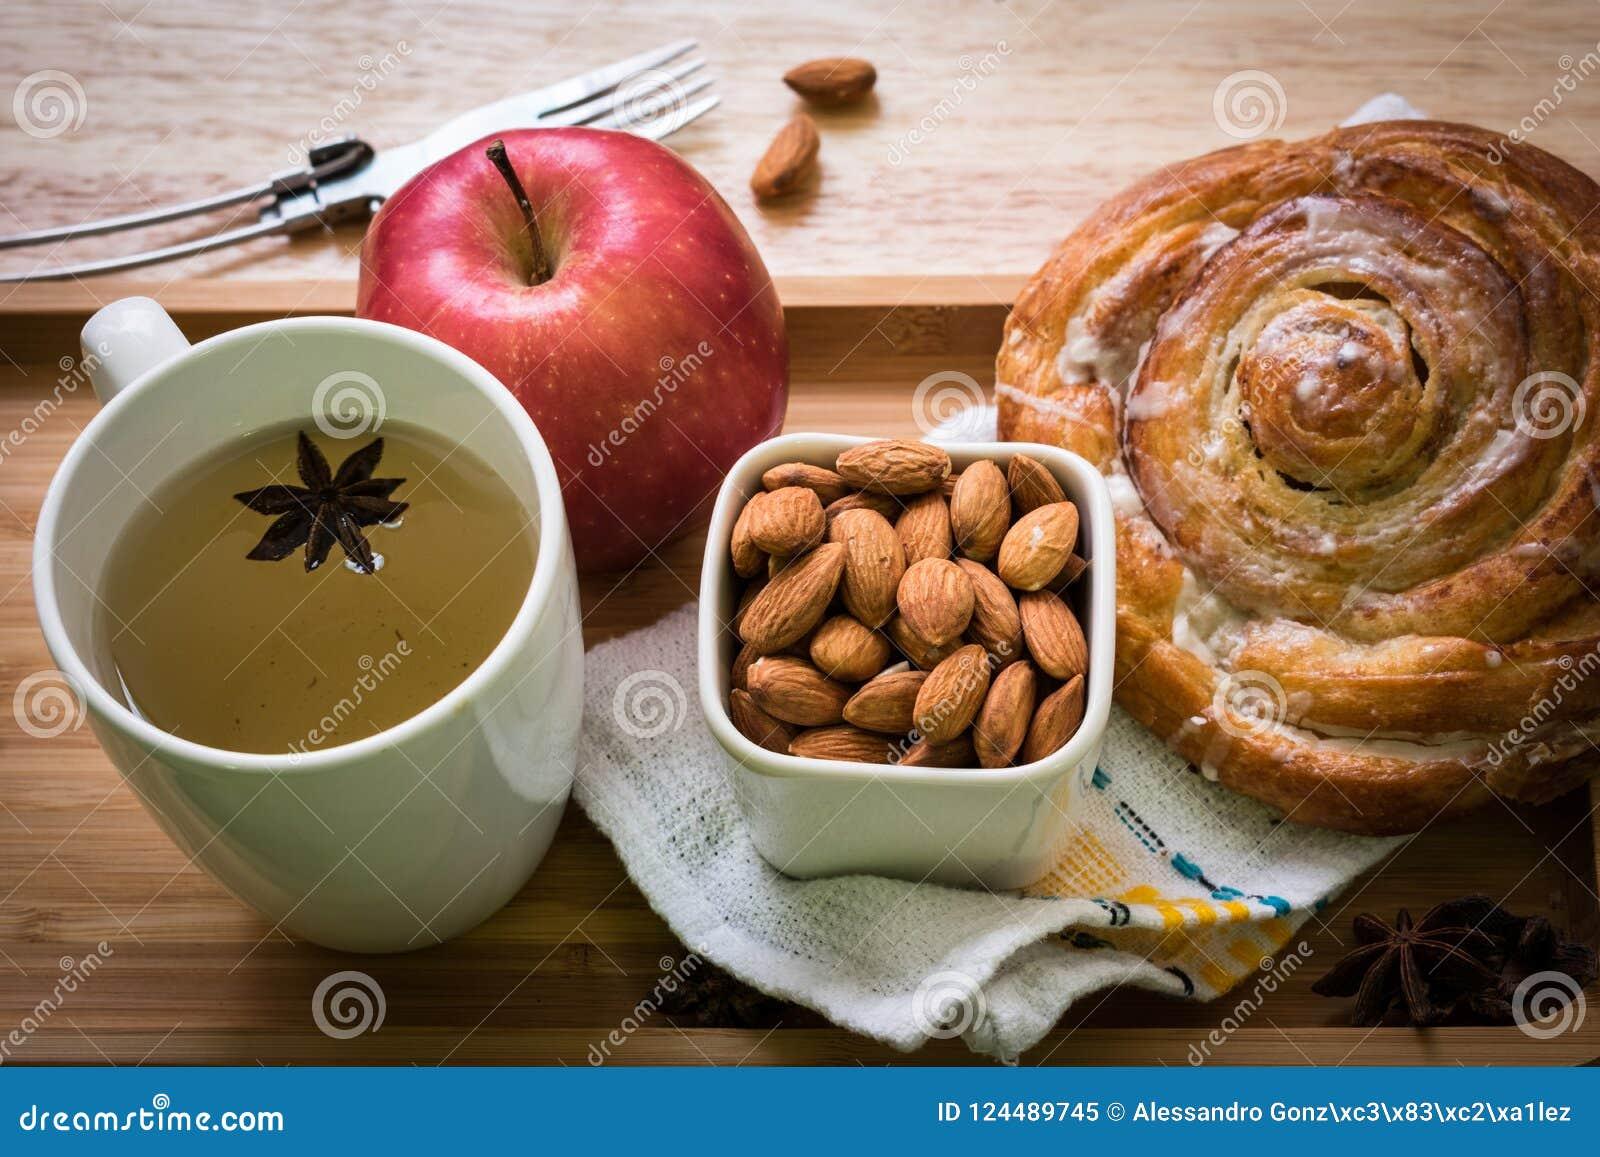 Rolo do café da manhã, chá, maçã, almods com backgroud de madeira